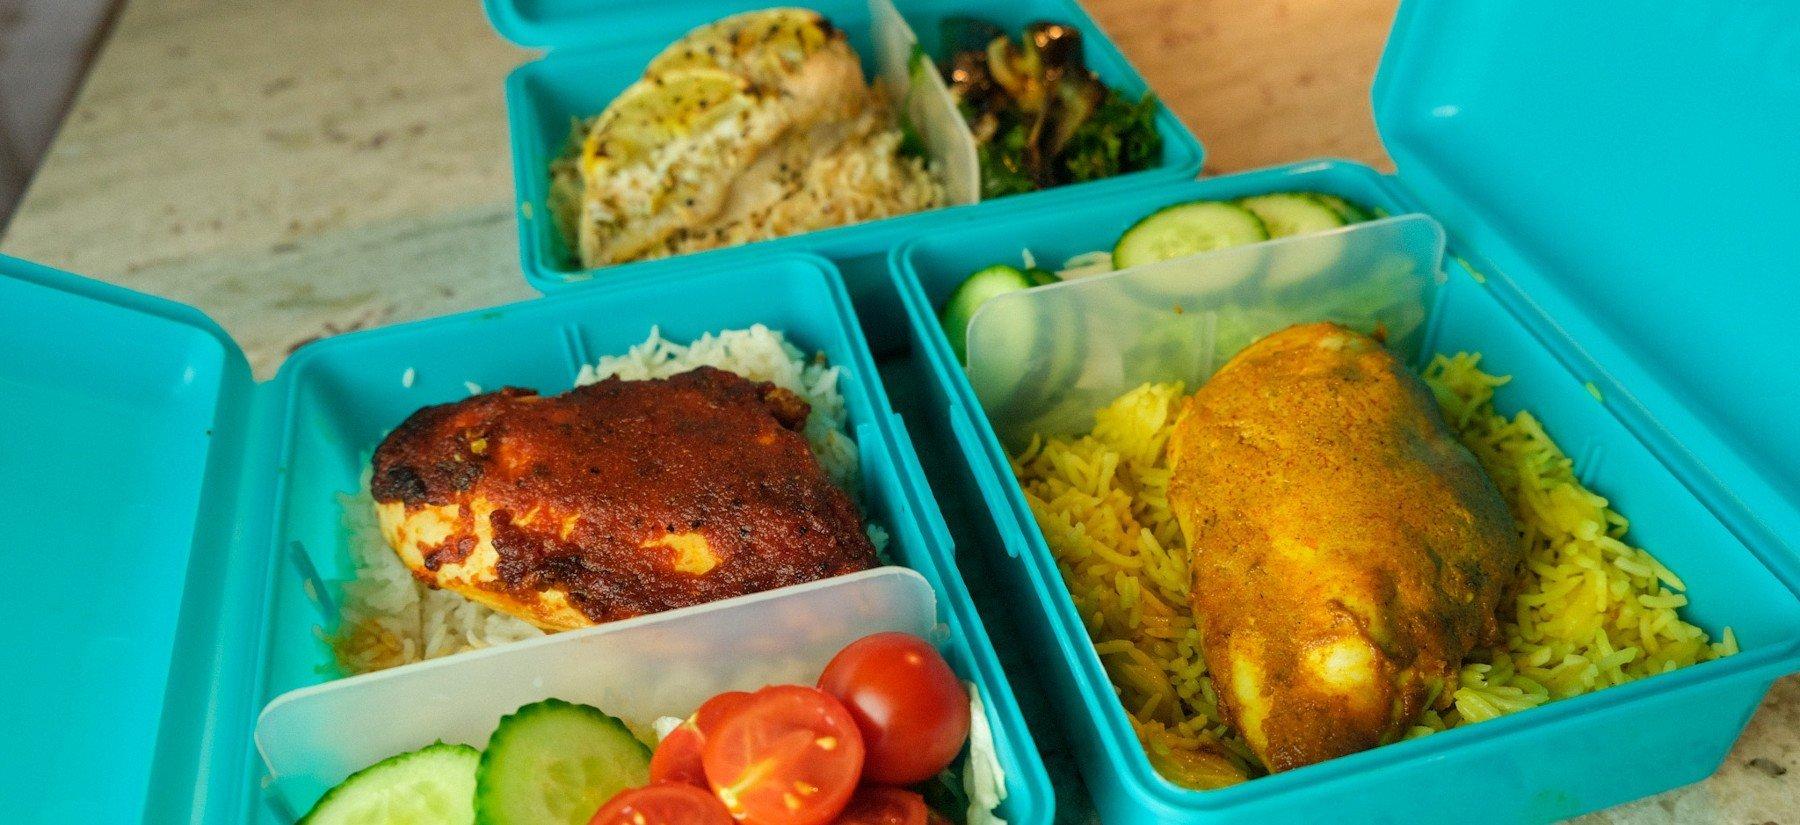 雞胸肉 雞胸肉料理 雞胸肉蛋白質